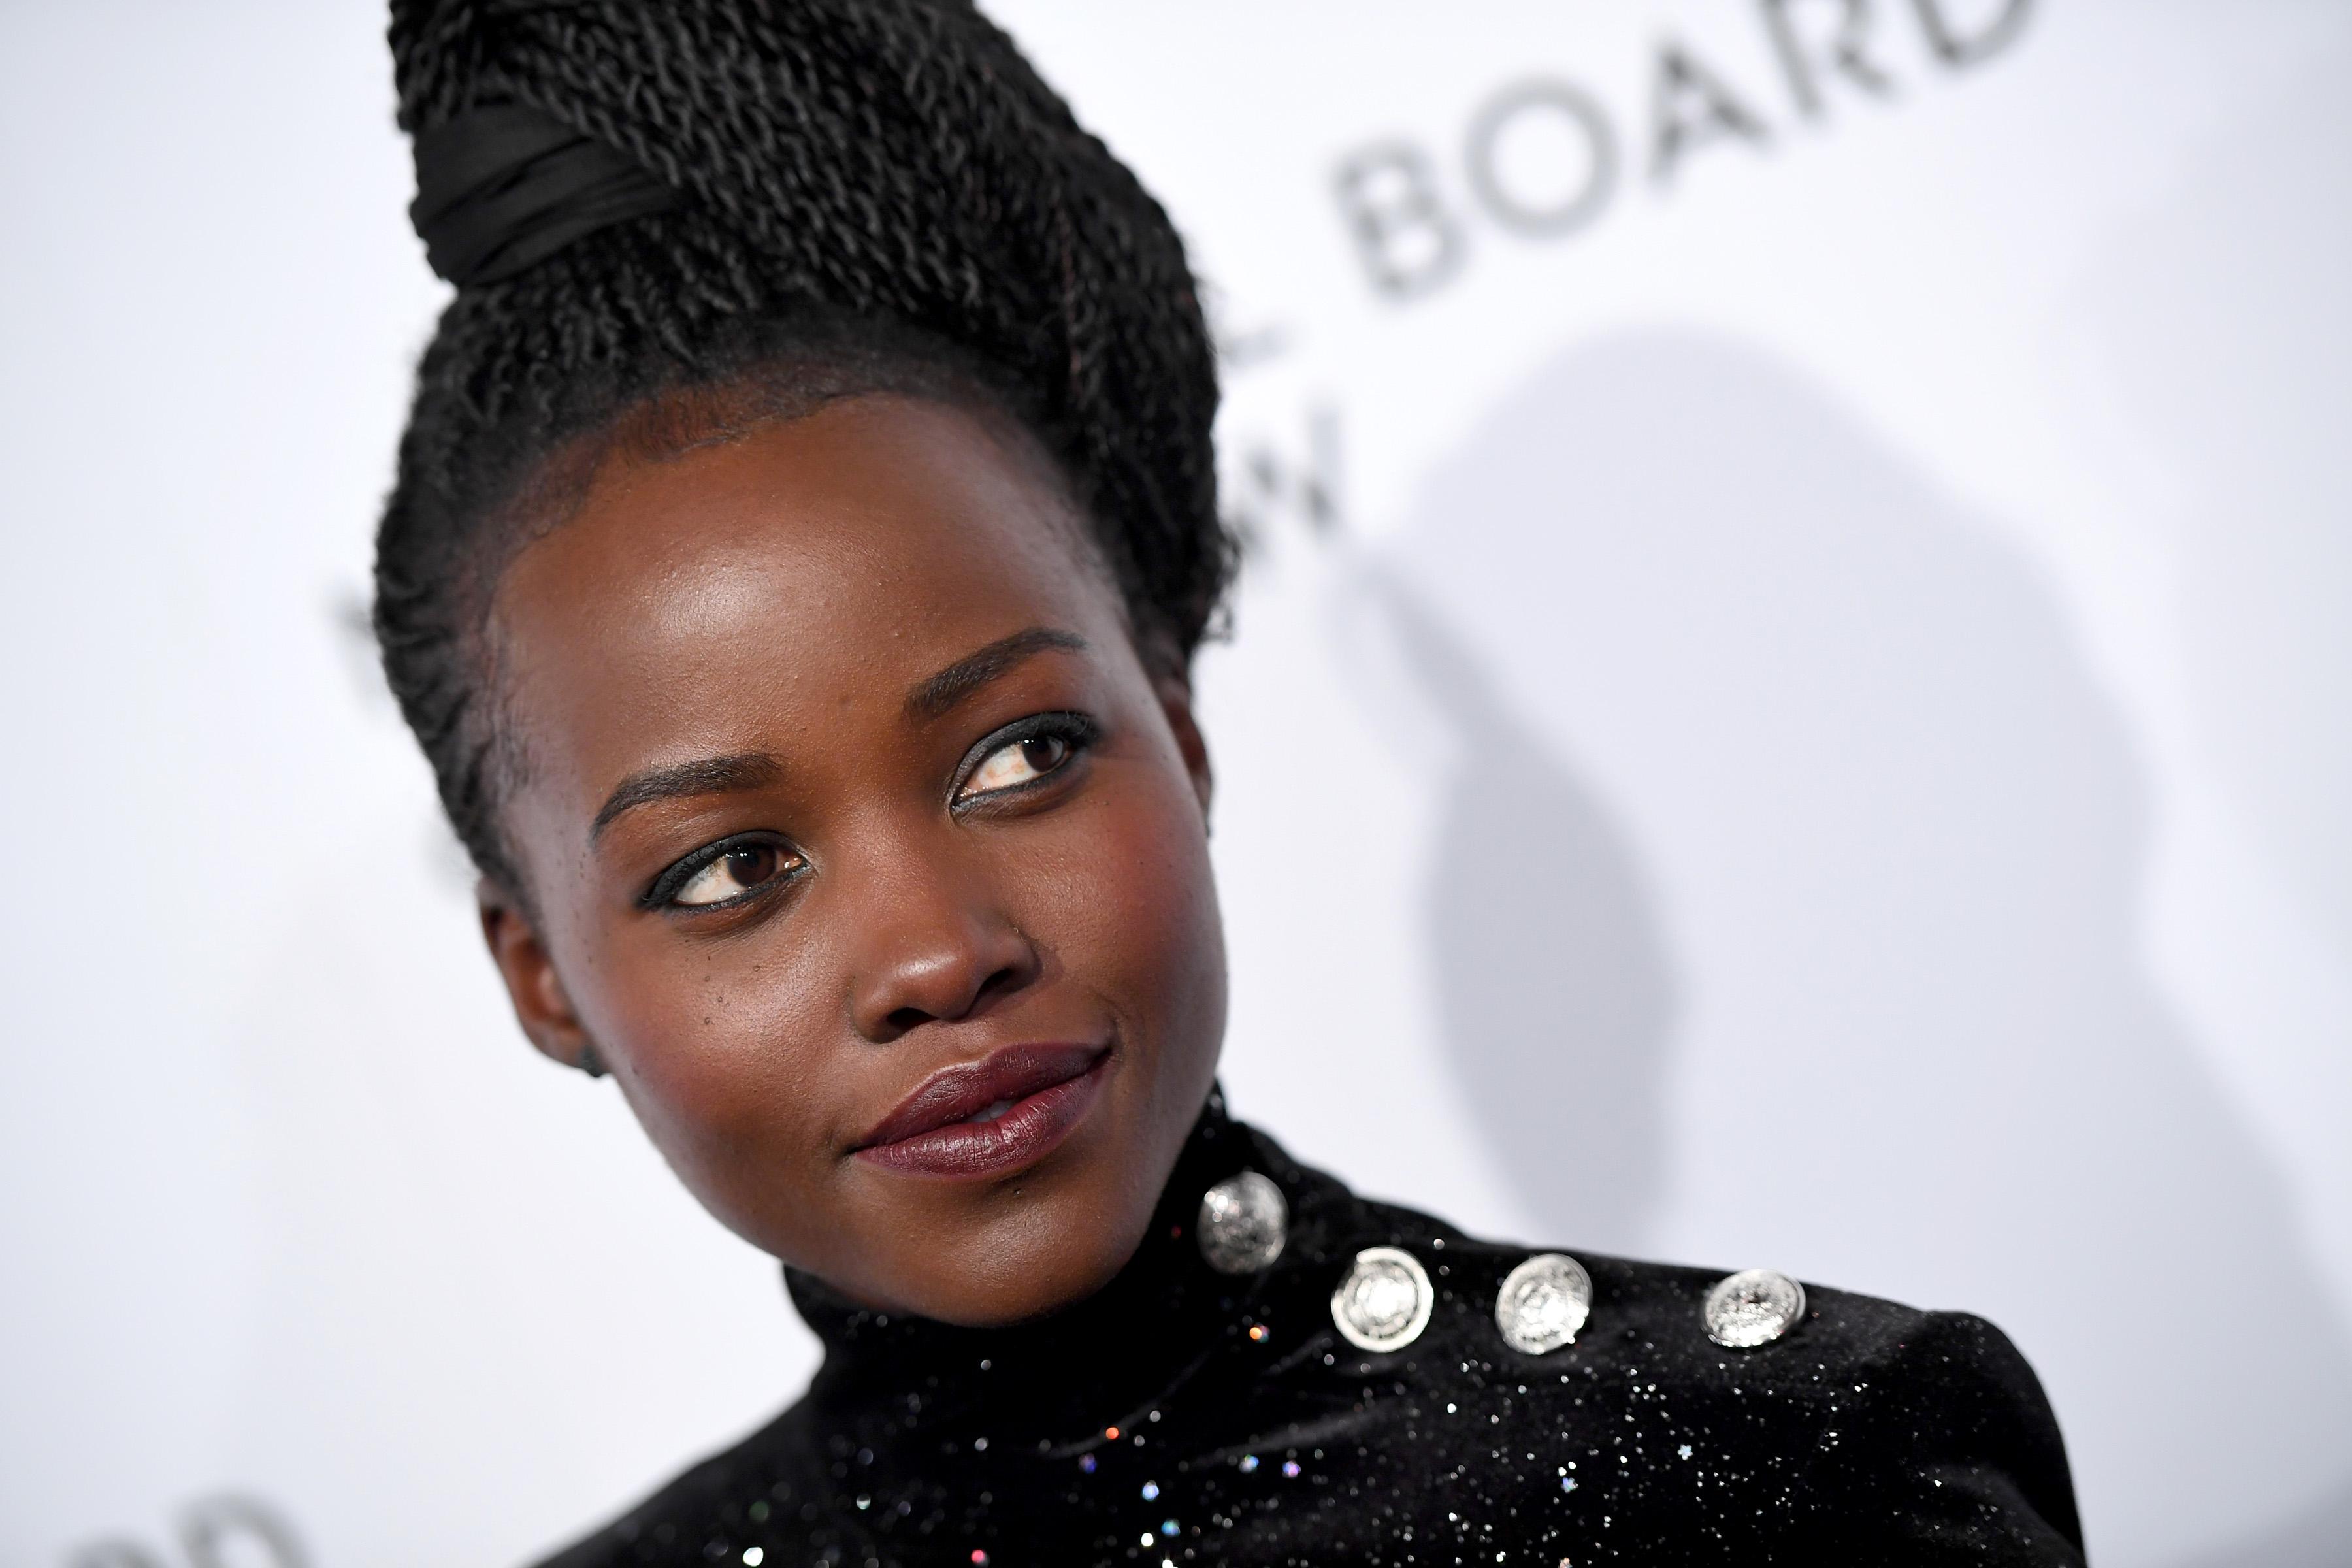 lupita nyong'o educated movie stars